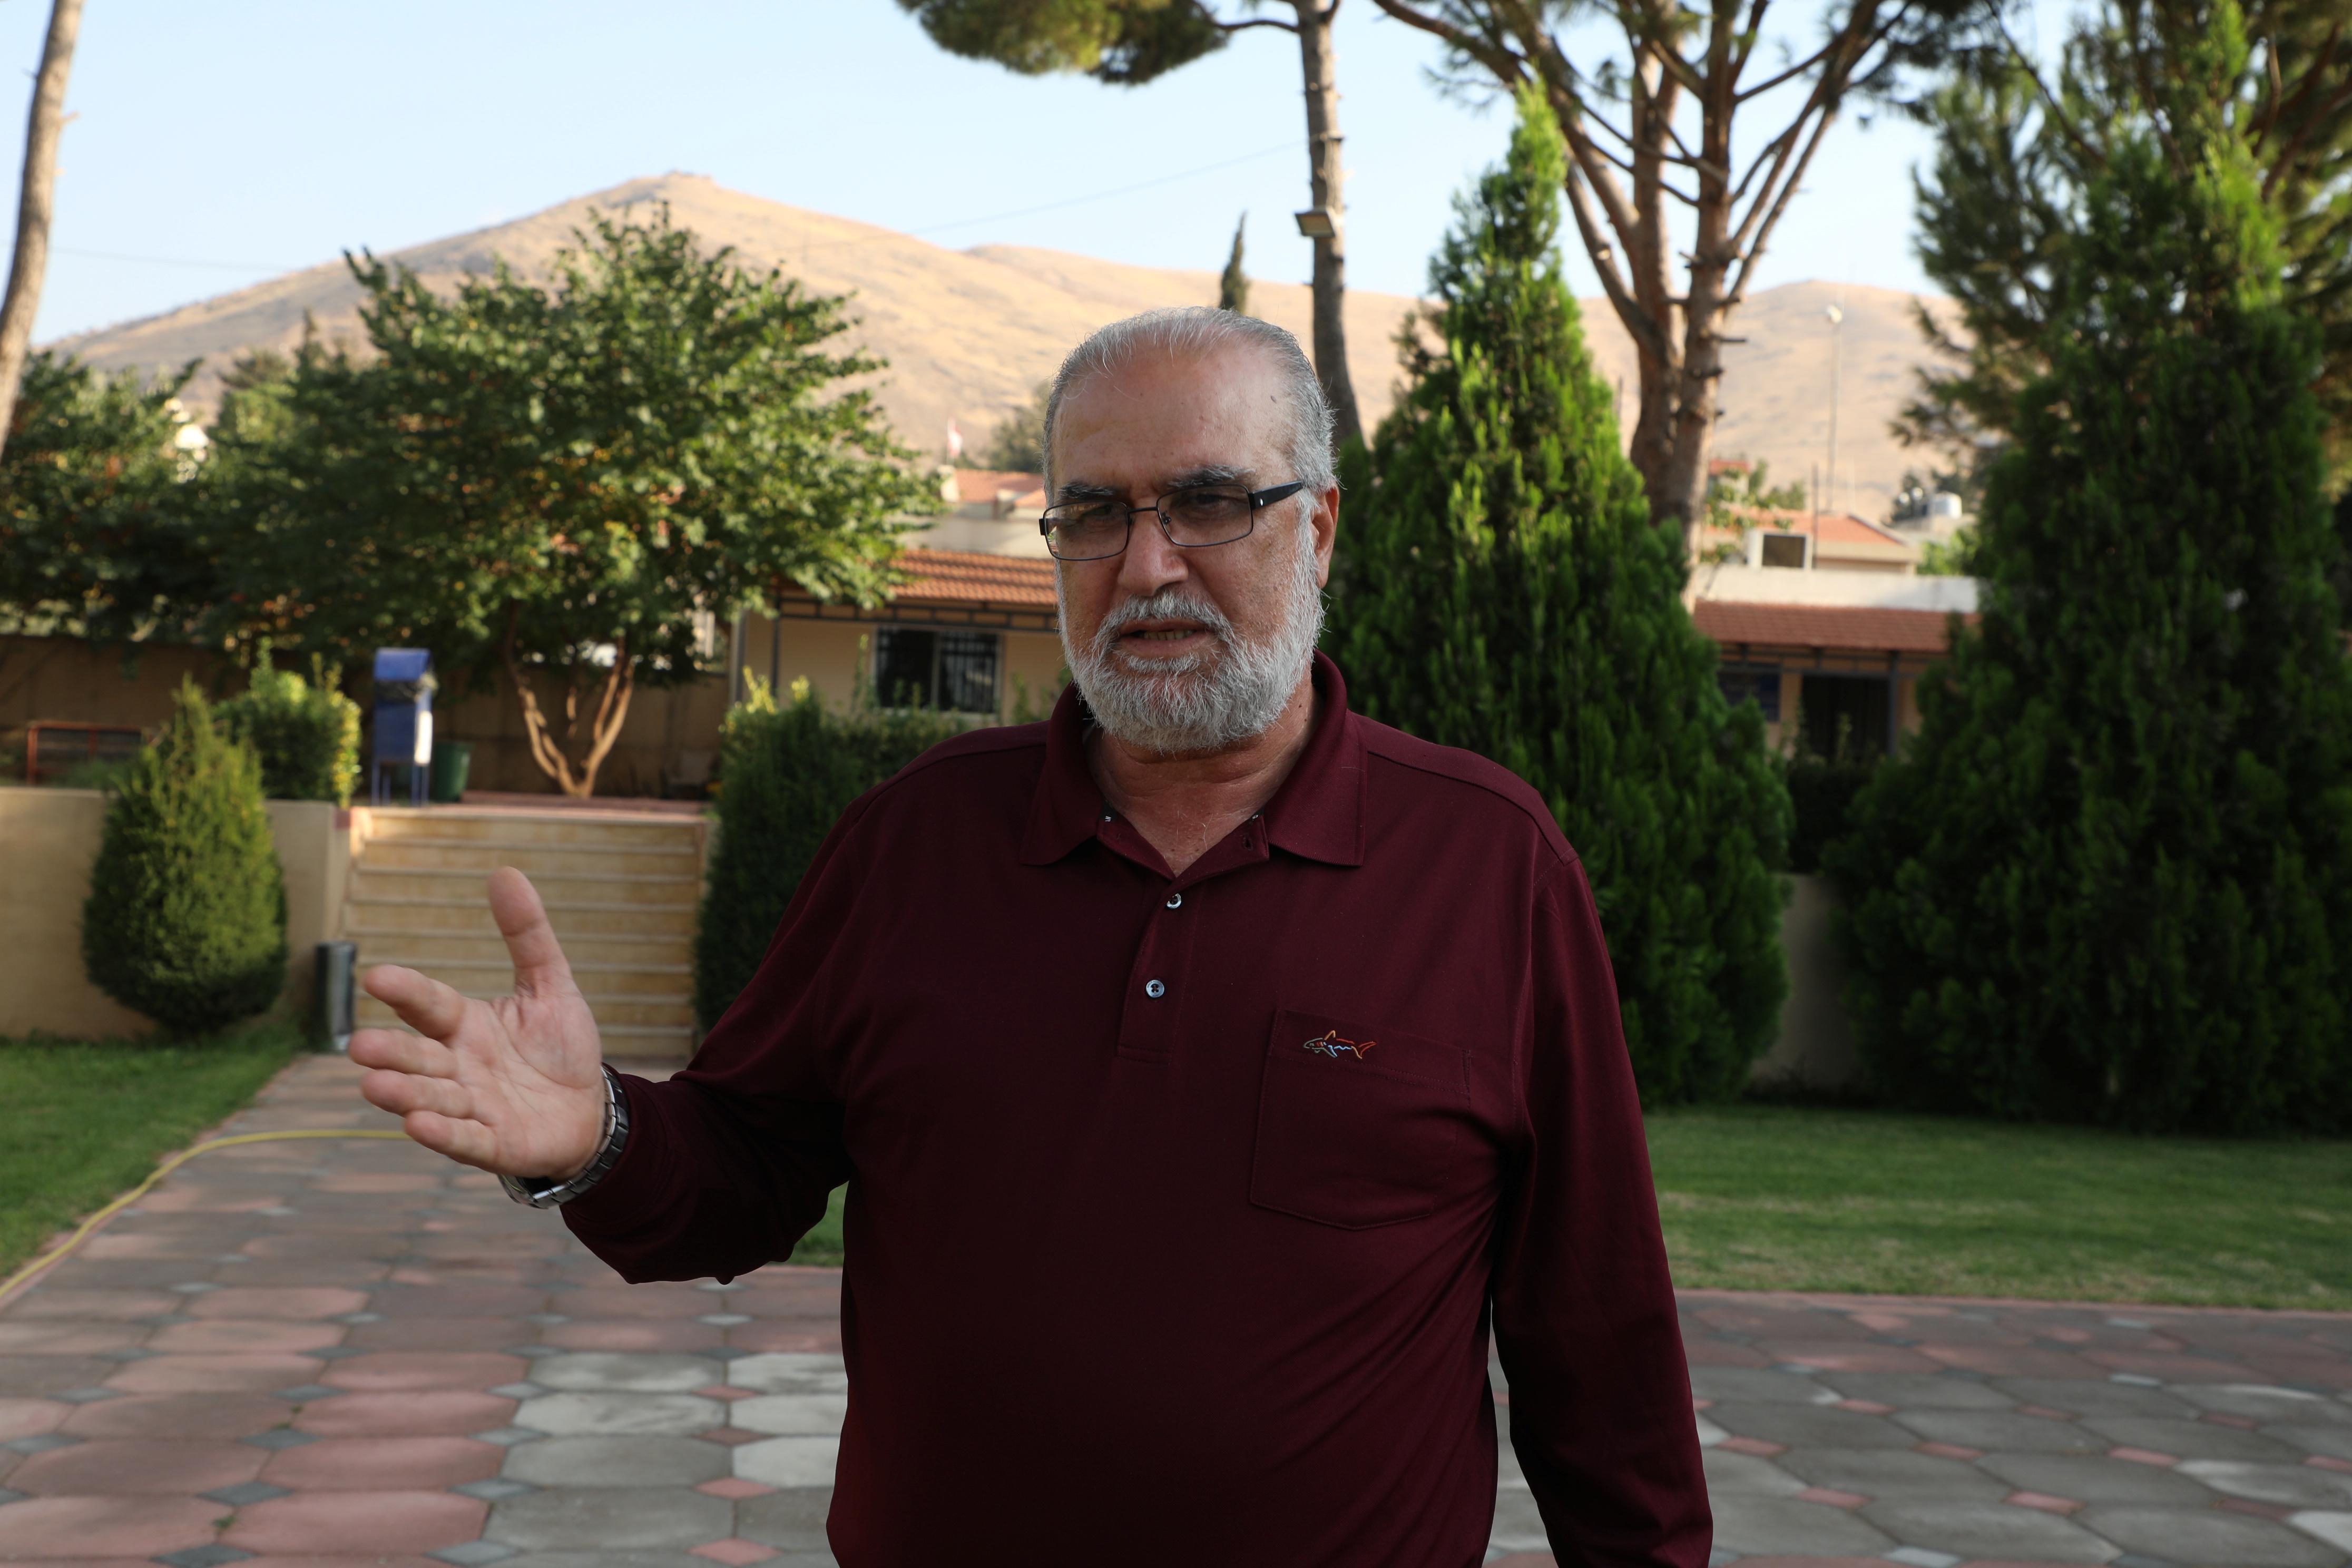 رئيس بلدية عنجر فارتكيس خوشيان